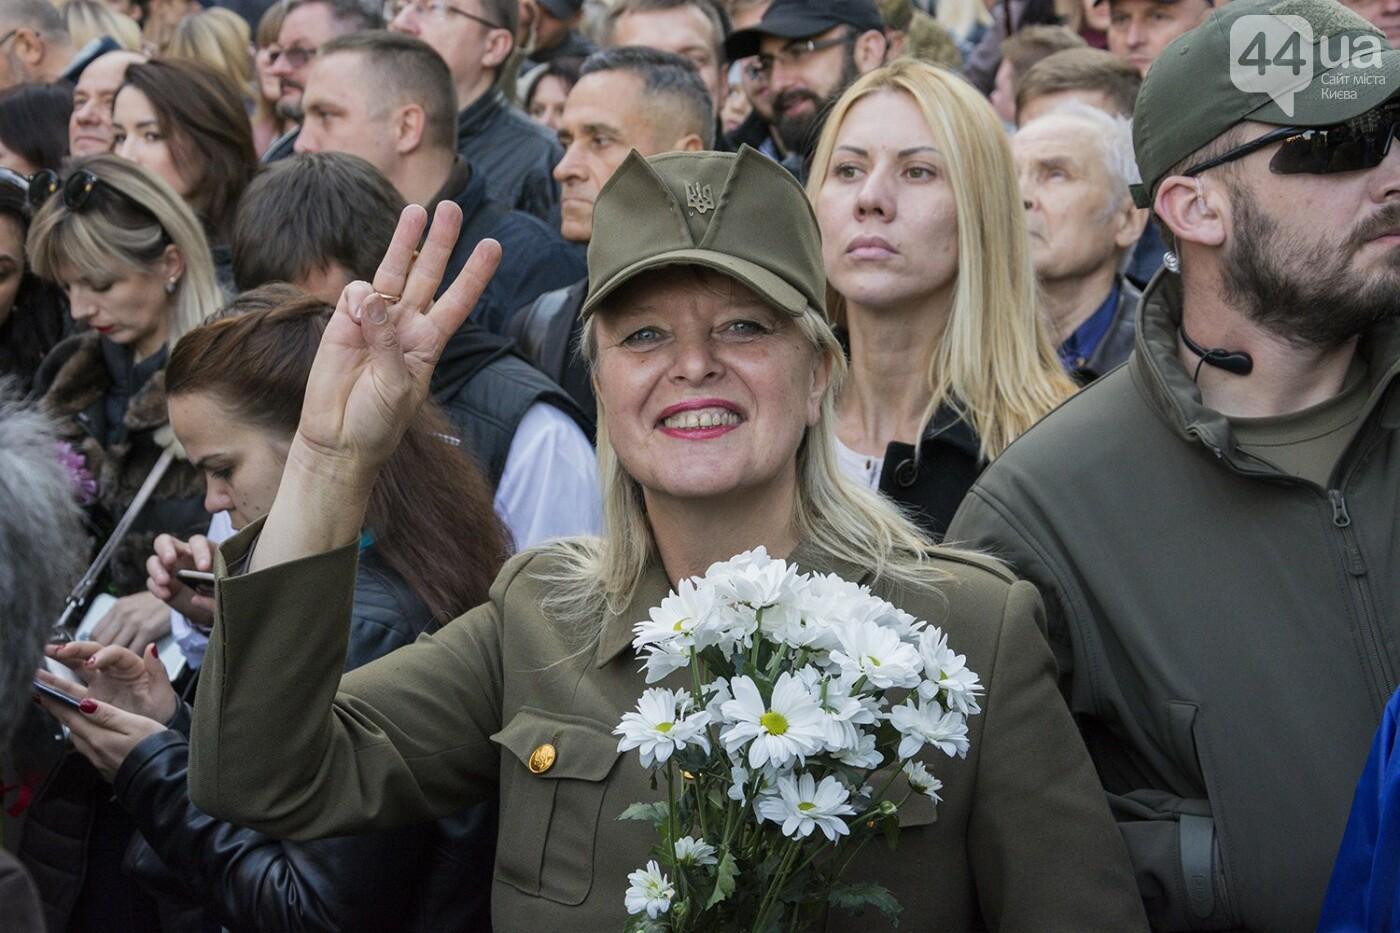 Файеры, Бандера и рекорды: в Киеве прошел традиционный марш УПА, - ФОТОРЕПОРТАЖ, фото-17